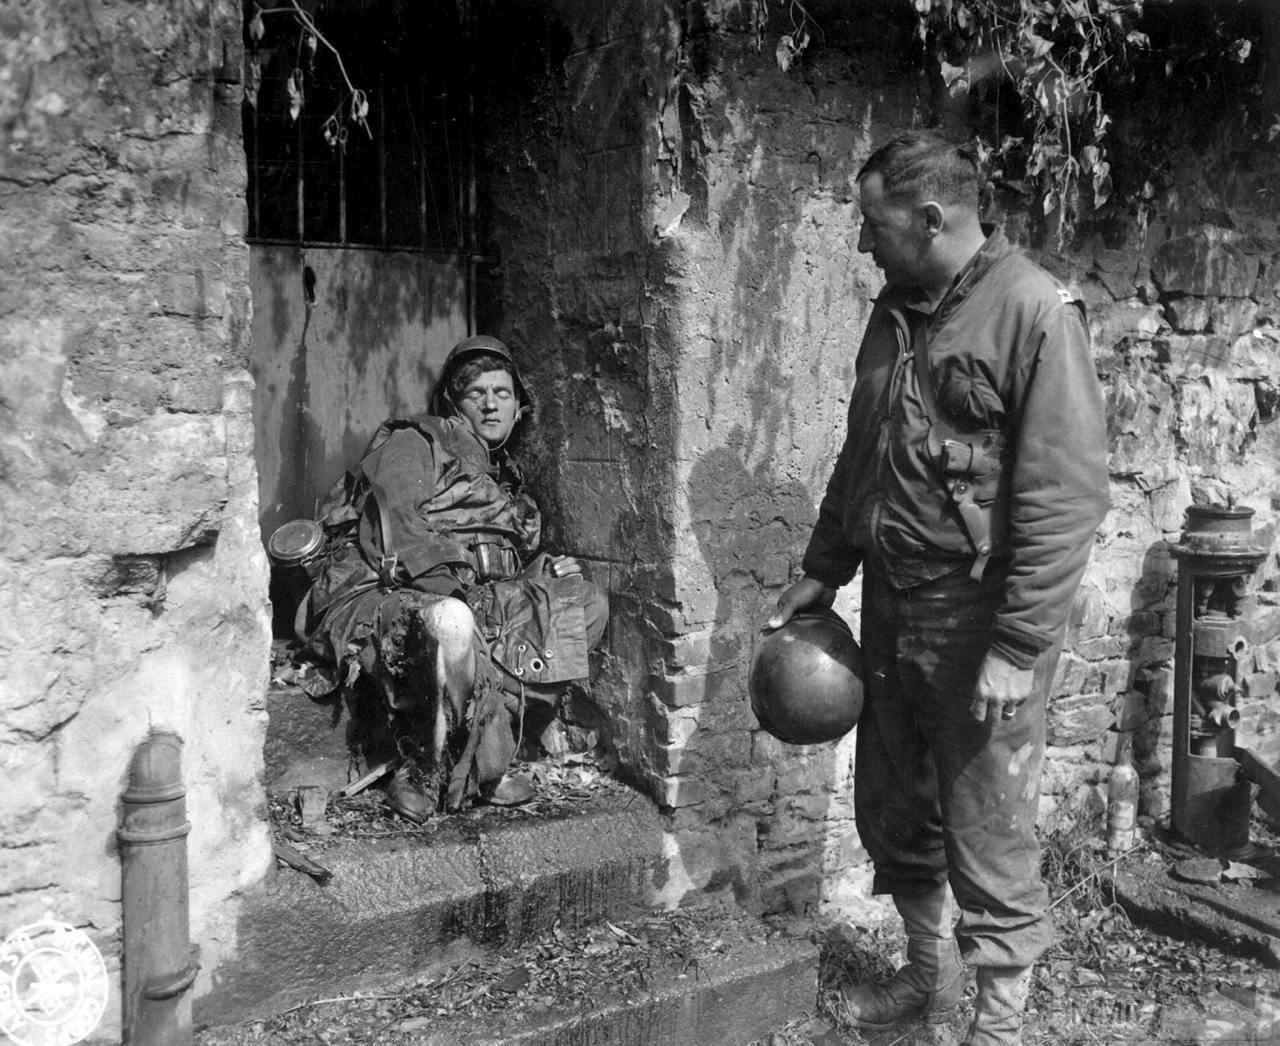 66172 - Военное фото 1939-1945 г.г. Западный фронт и Африка.